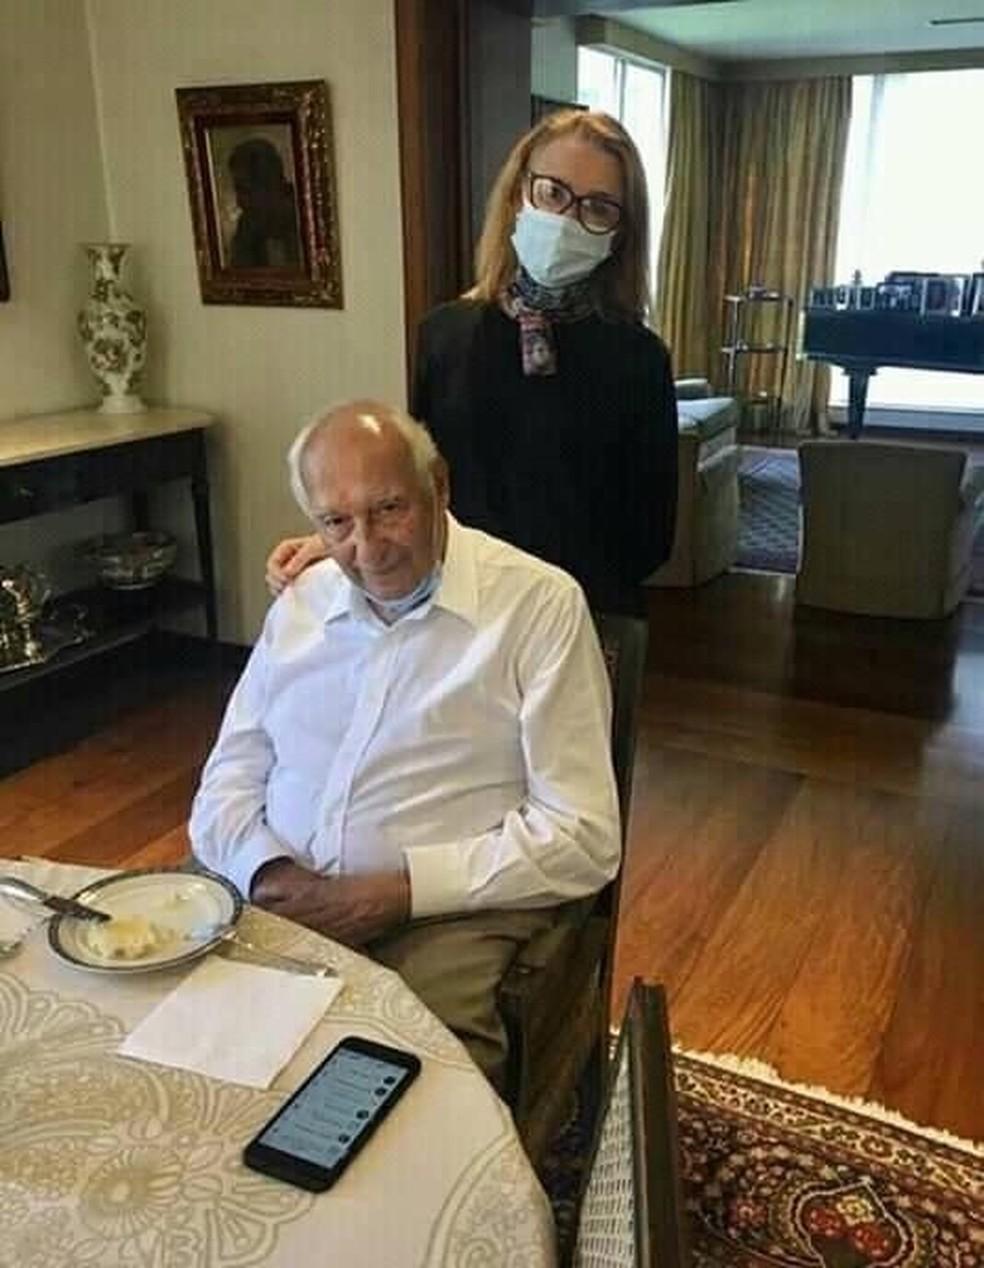 O jurista Ives Gandra Martins após alta do hospital recebe a visita da professora Cláudia Costin, da FGV. — Foto: Acervo Pessoal